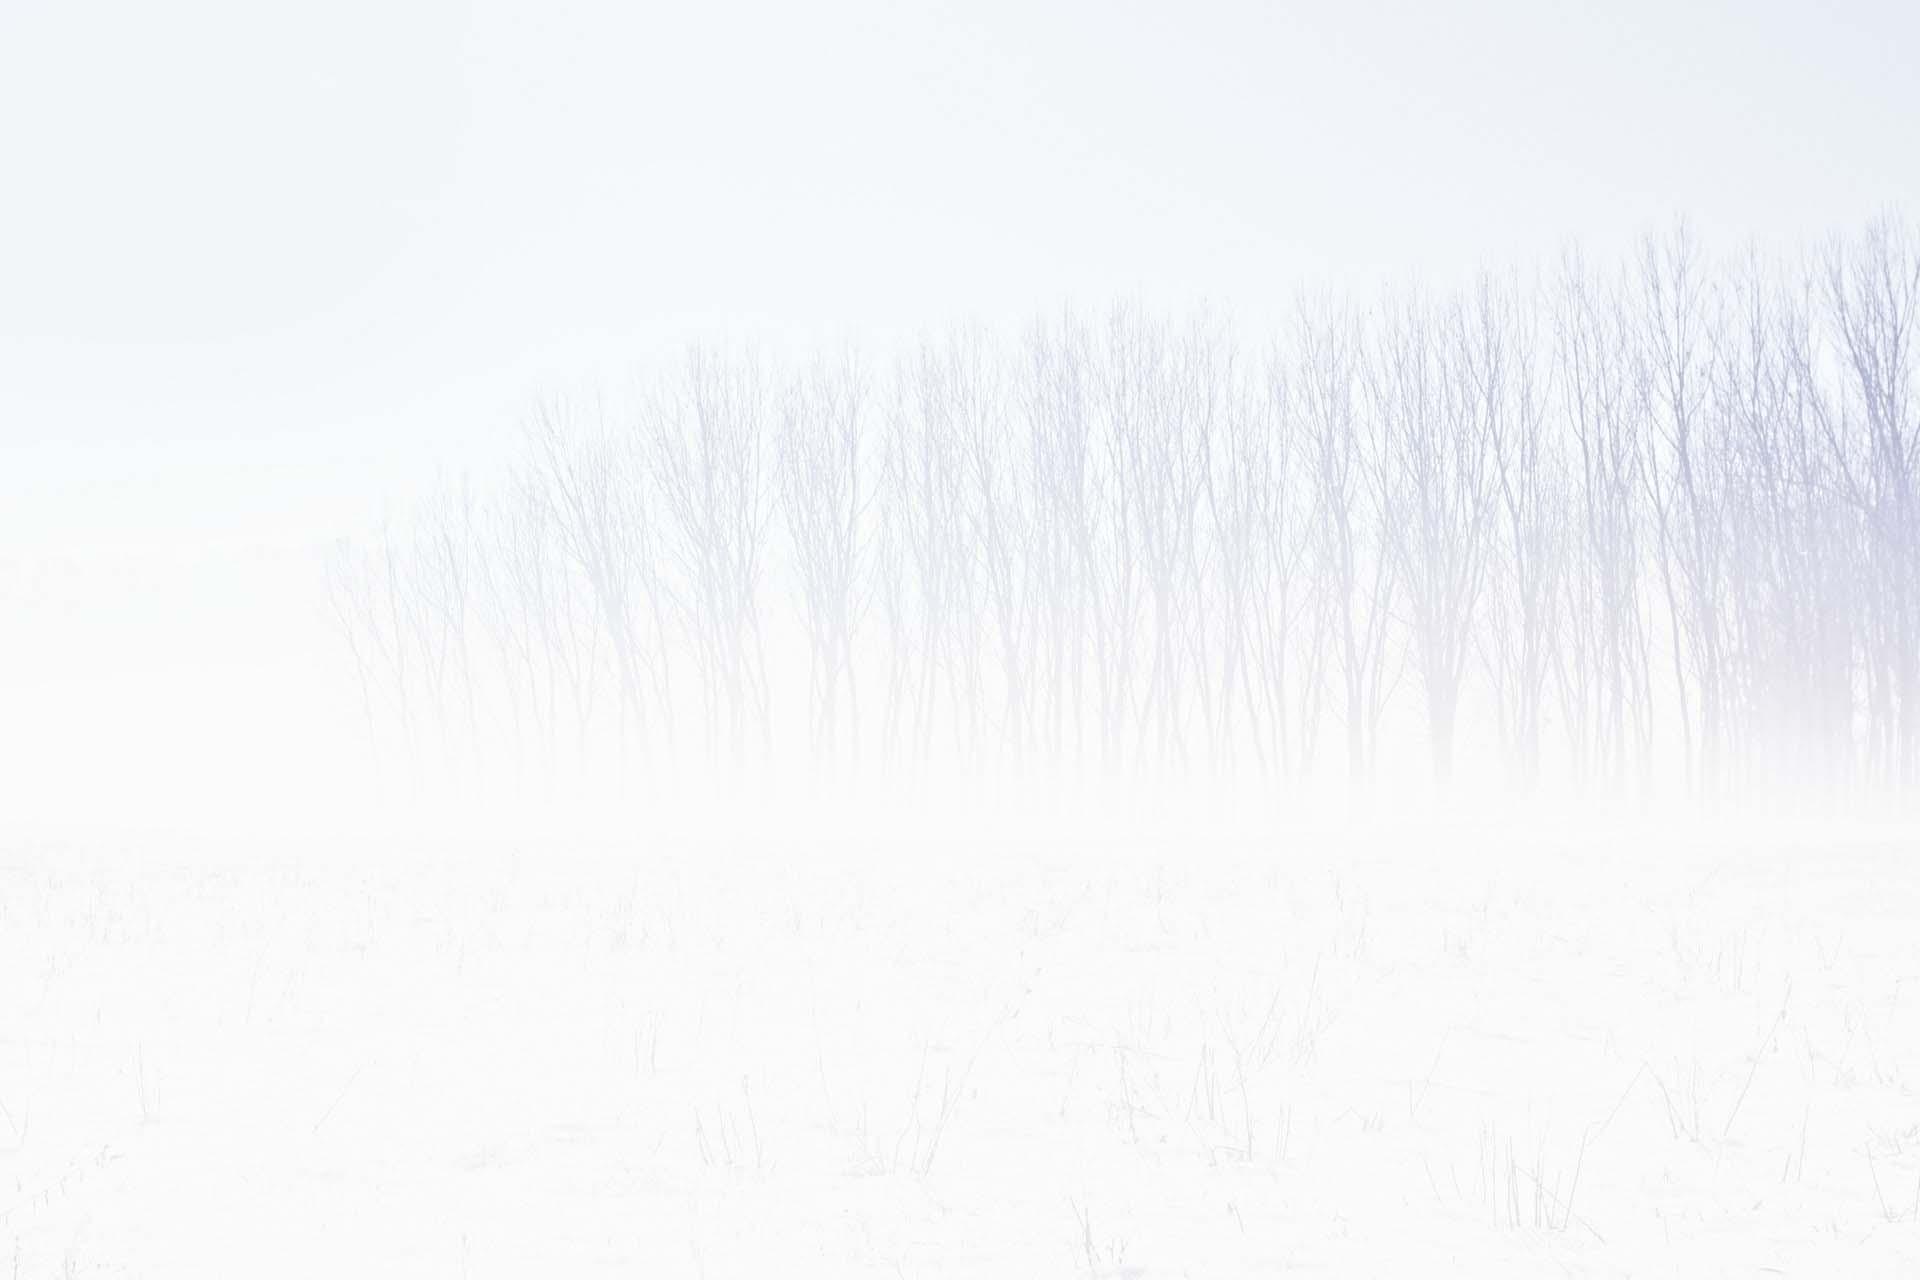 Hình nền tuyết trắng đẹp